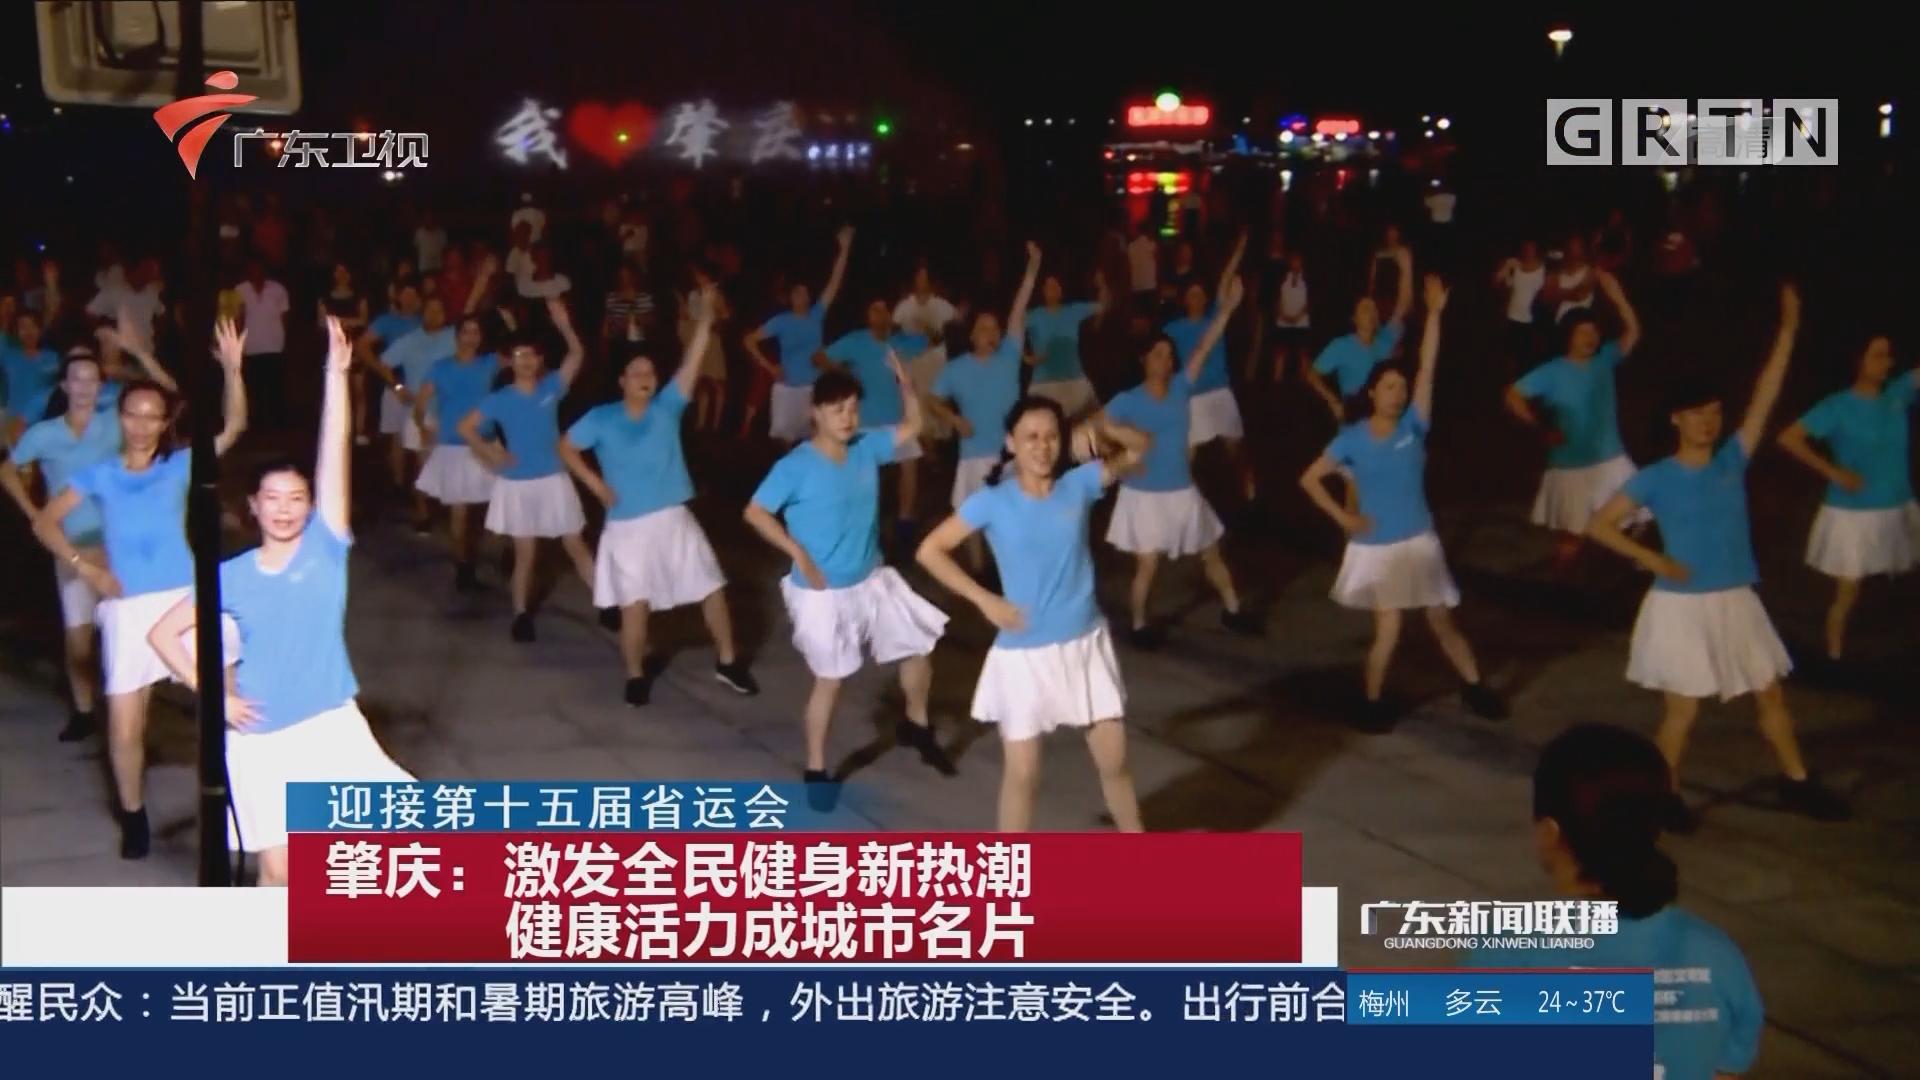 肇庆:激发全民健身新热潮 健康活力成城市名片